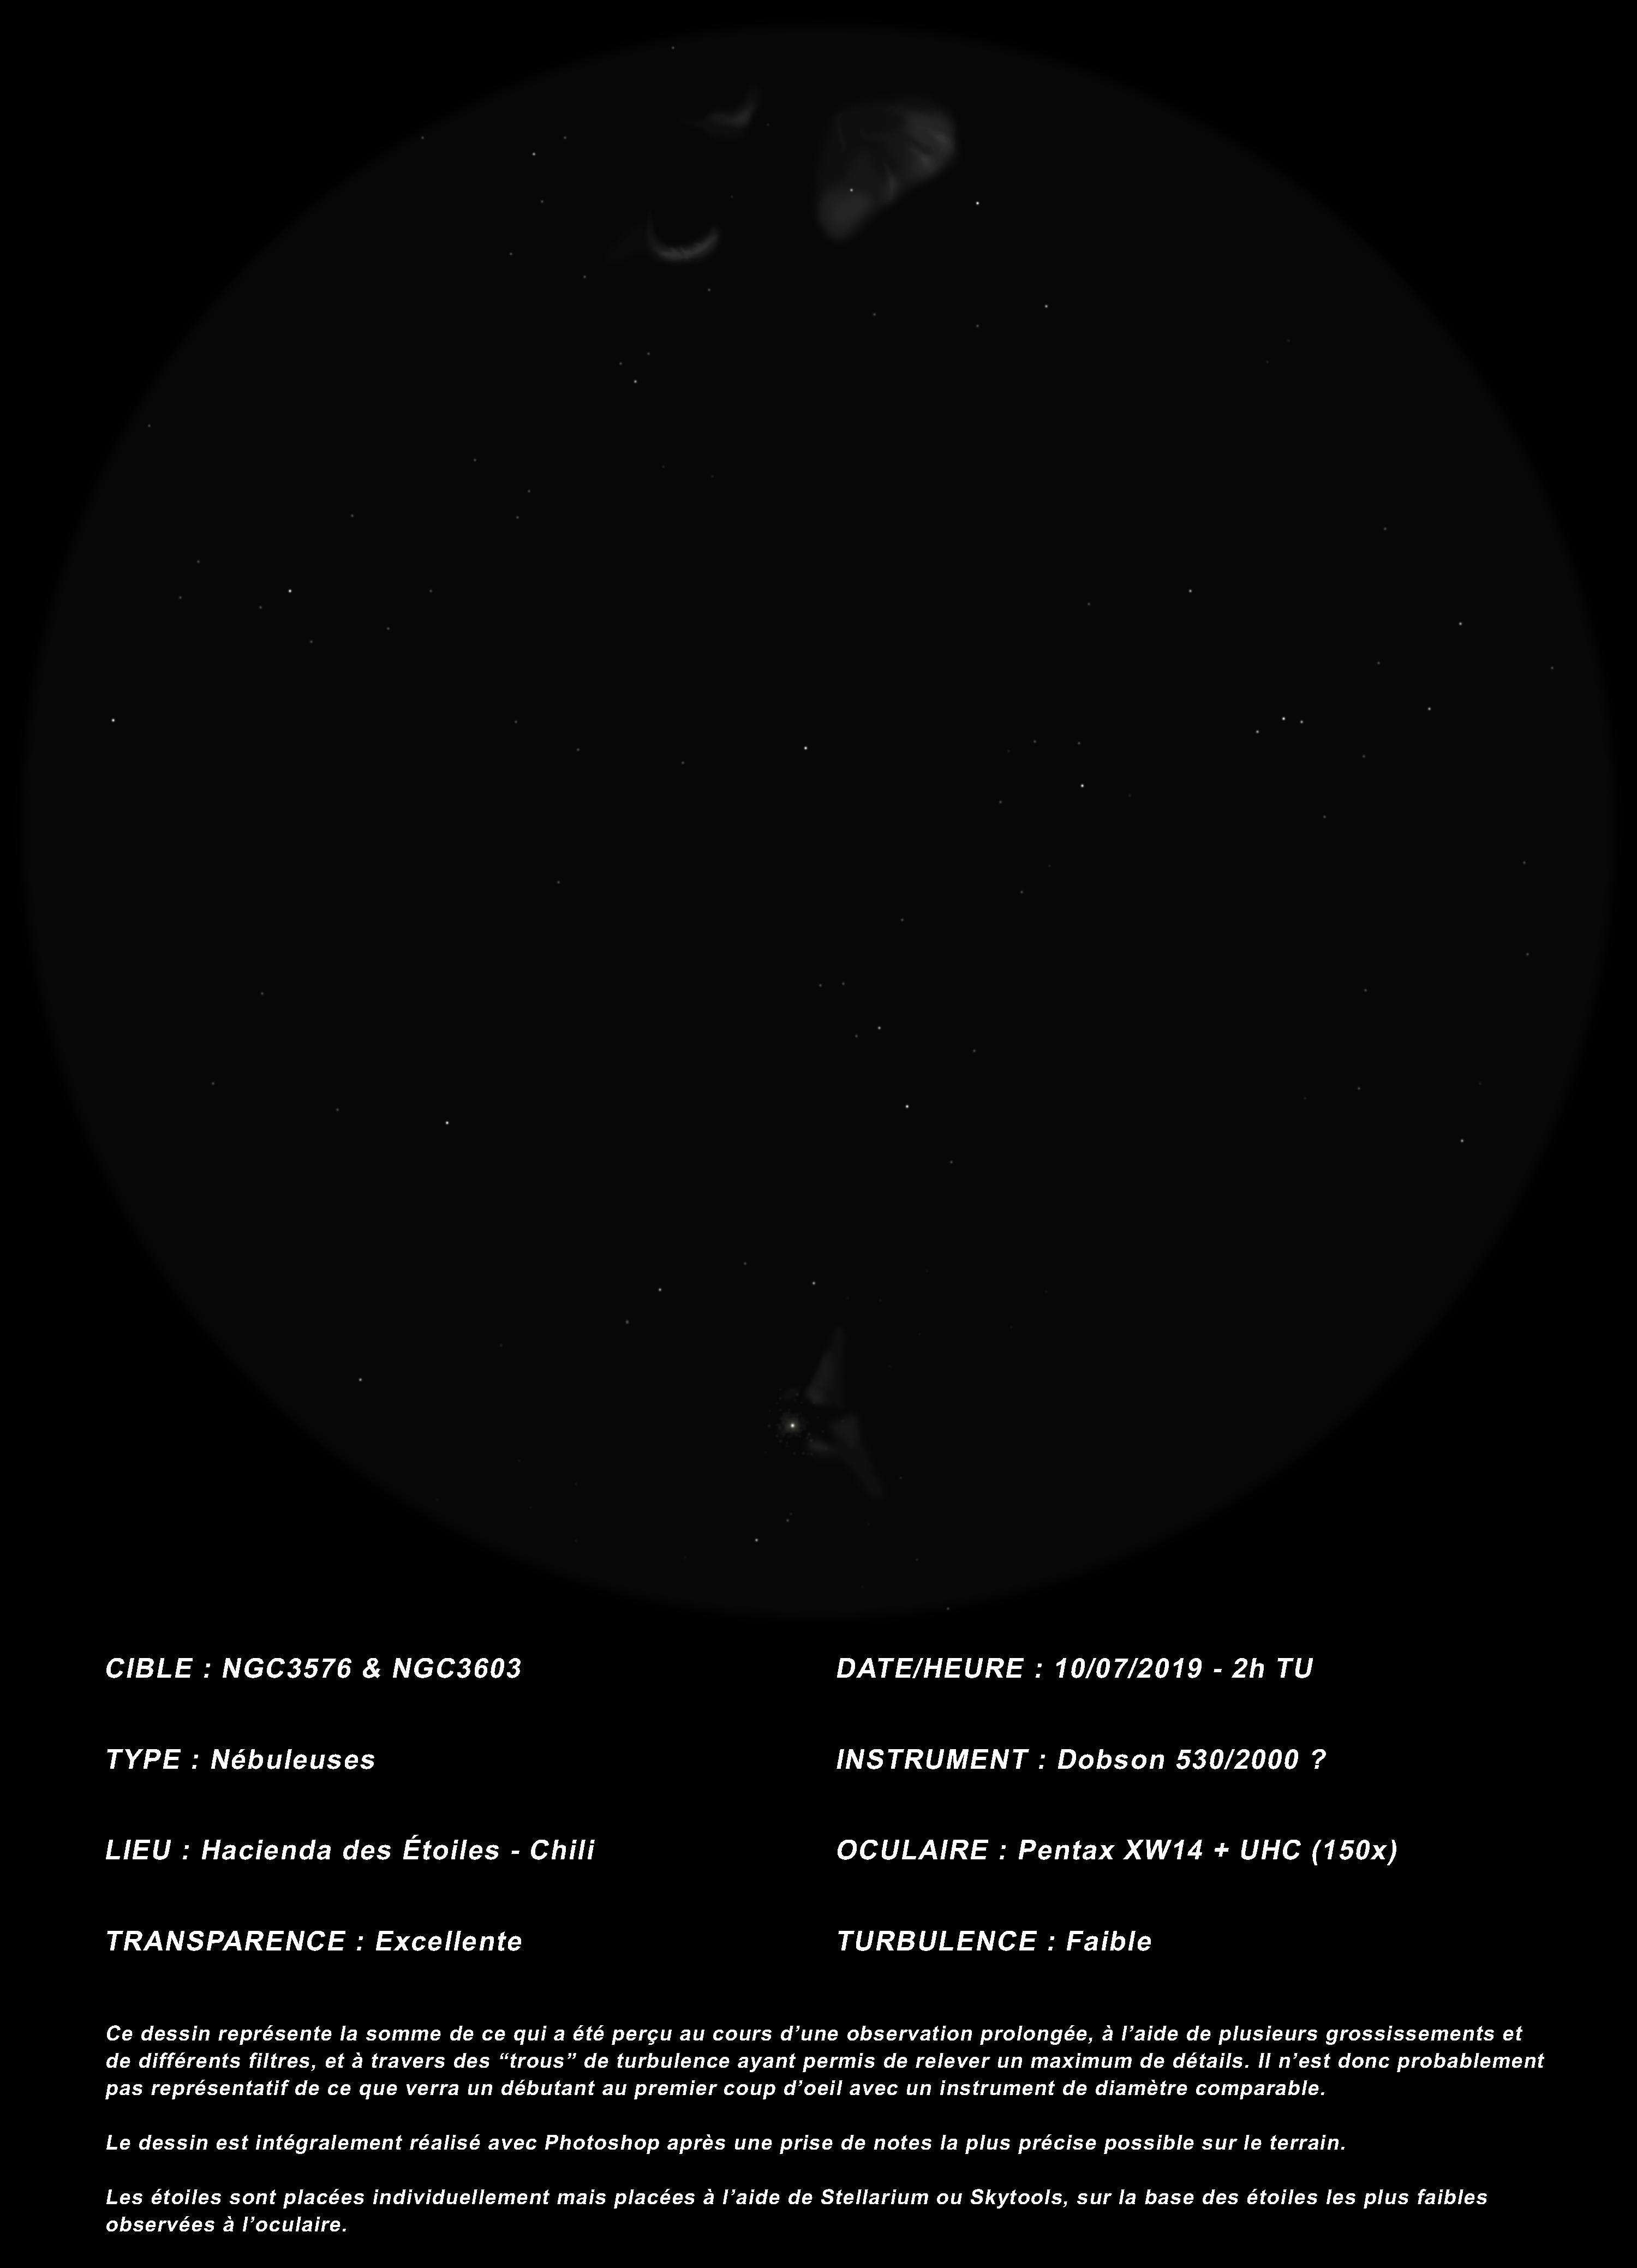 2019_07_10-NGC3603-3576.png